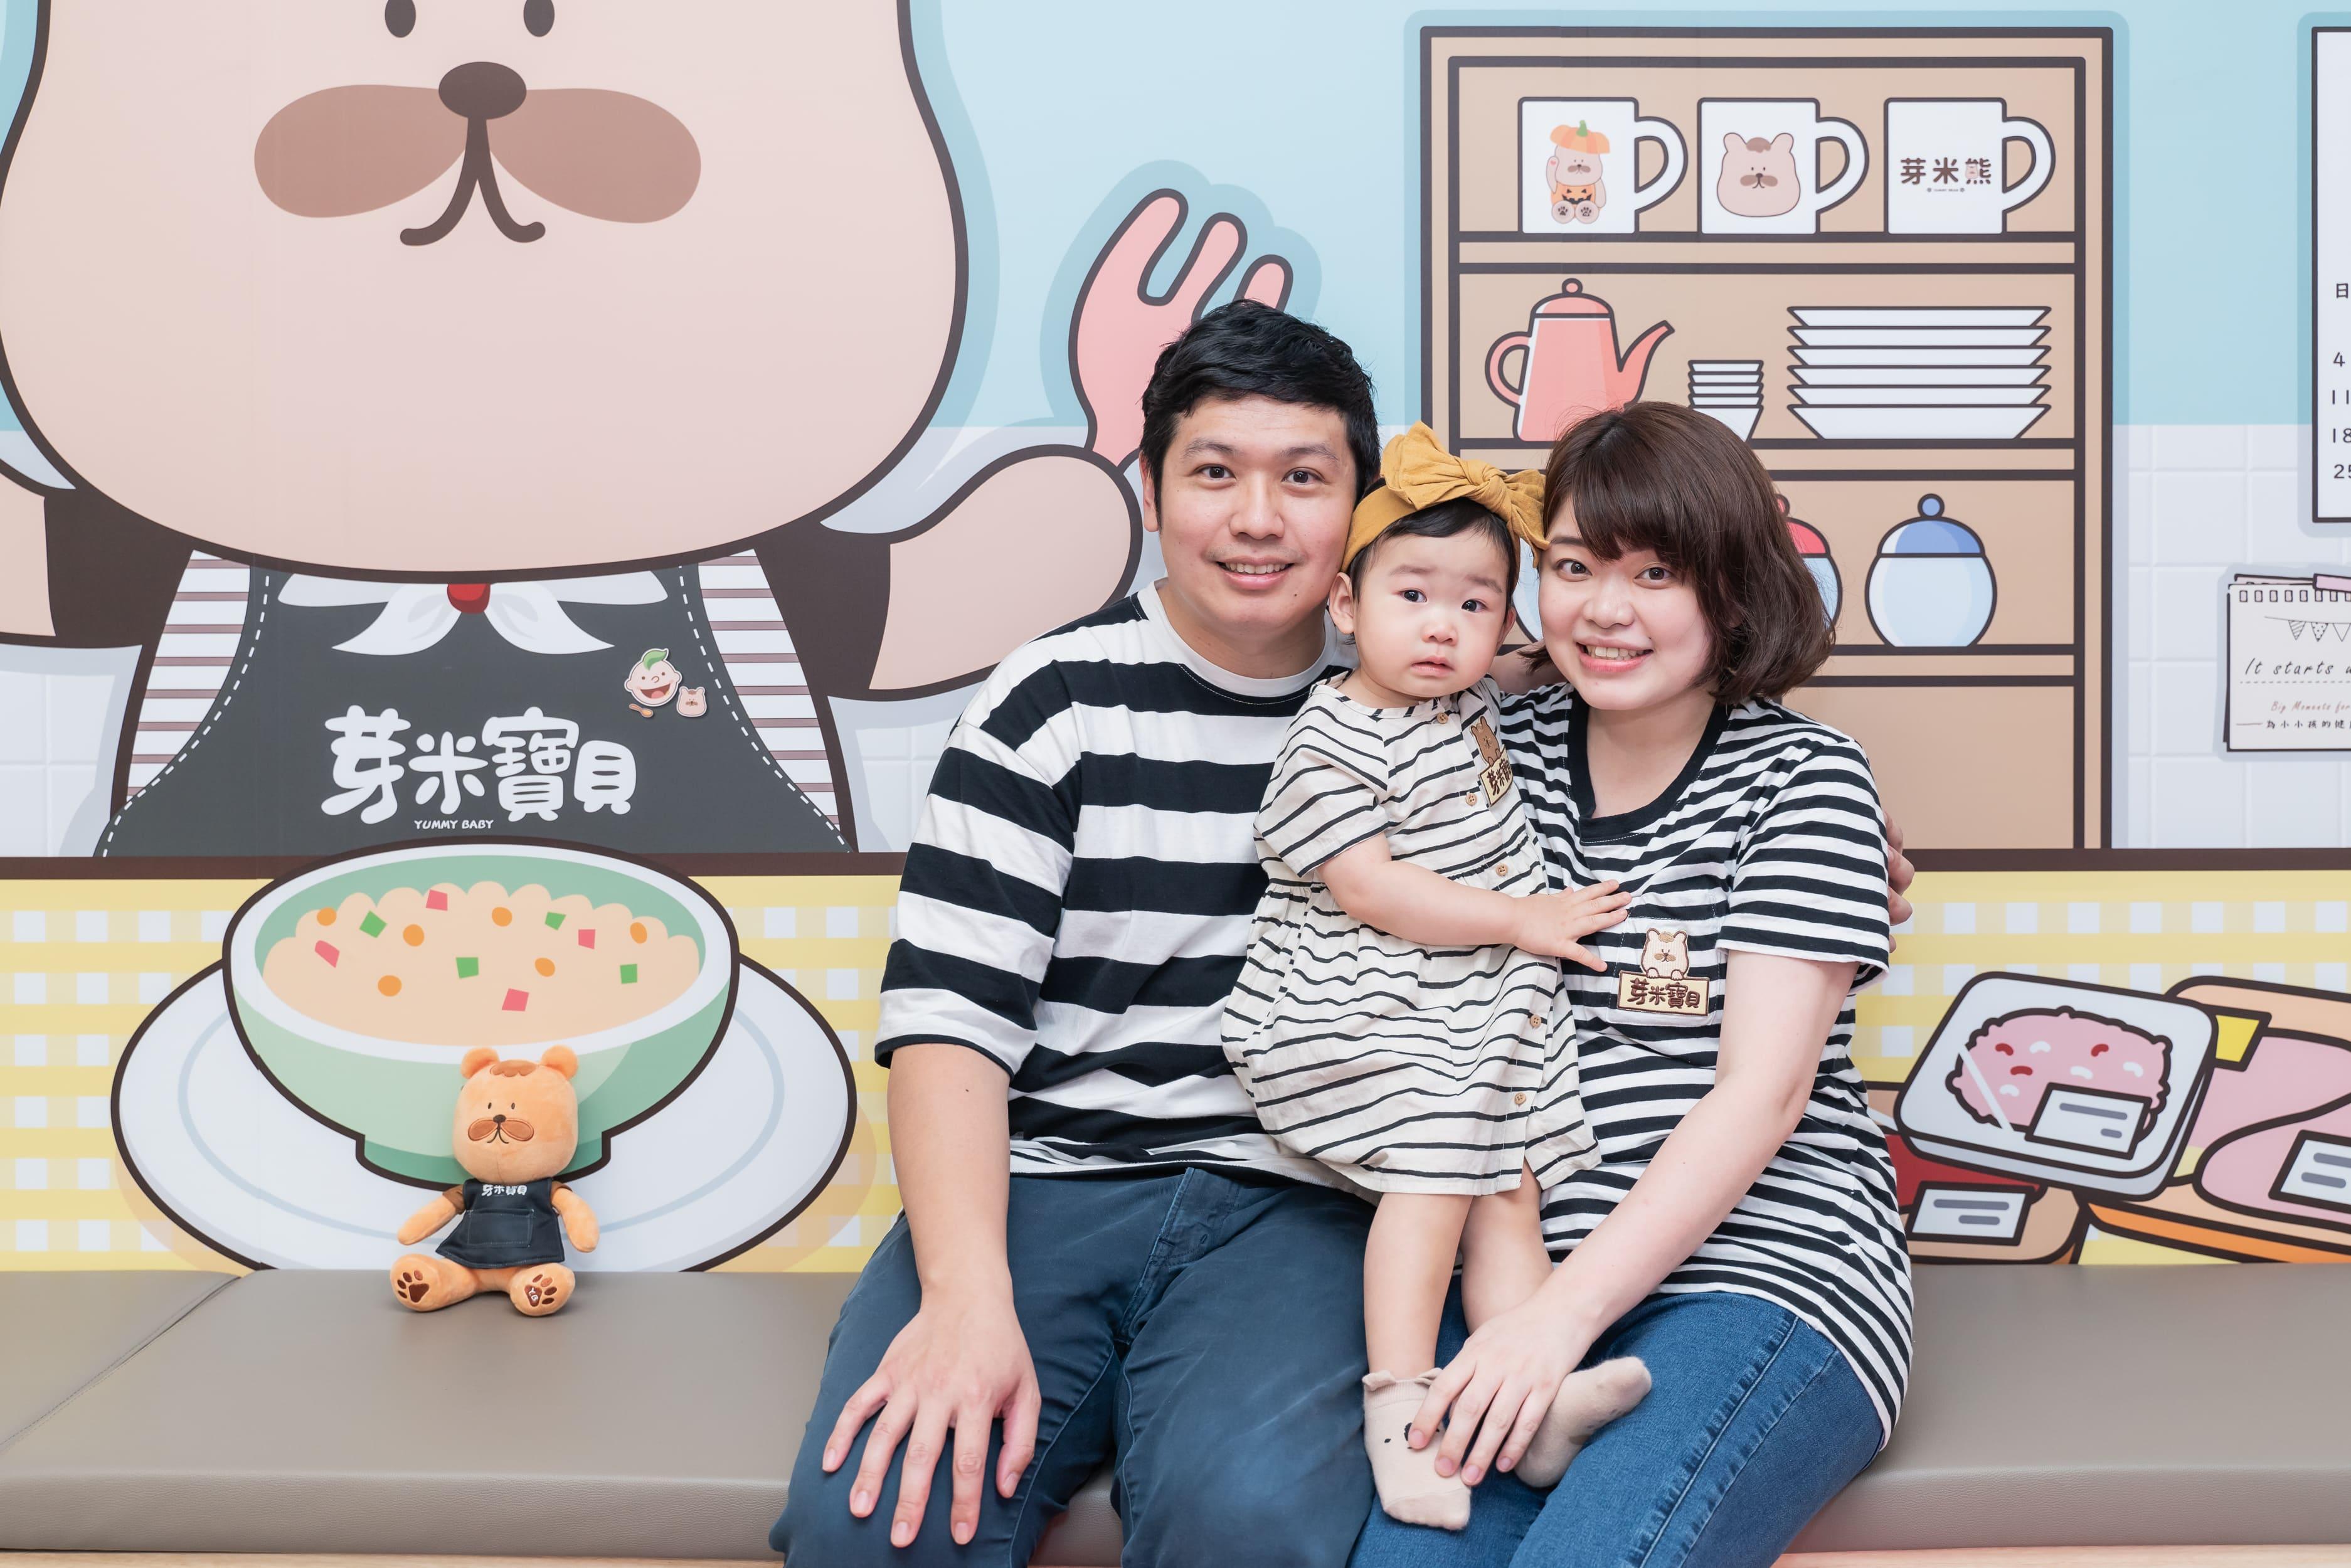 芽米寶貝:讓寶寶吃得安心、用的放心,電商通路成為都會爸媽救星